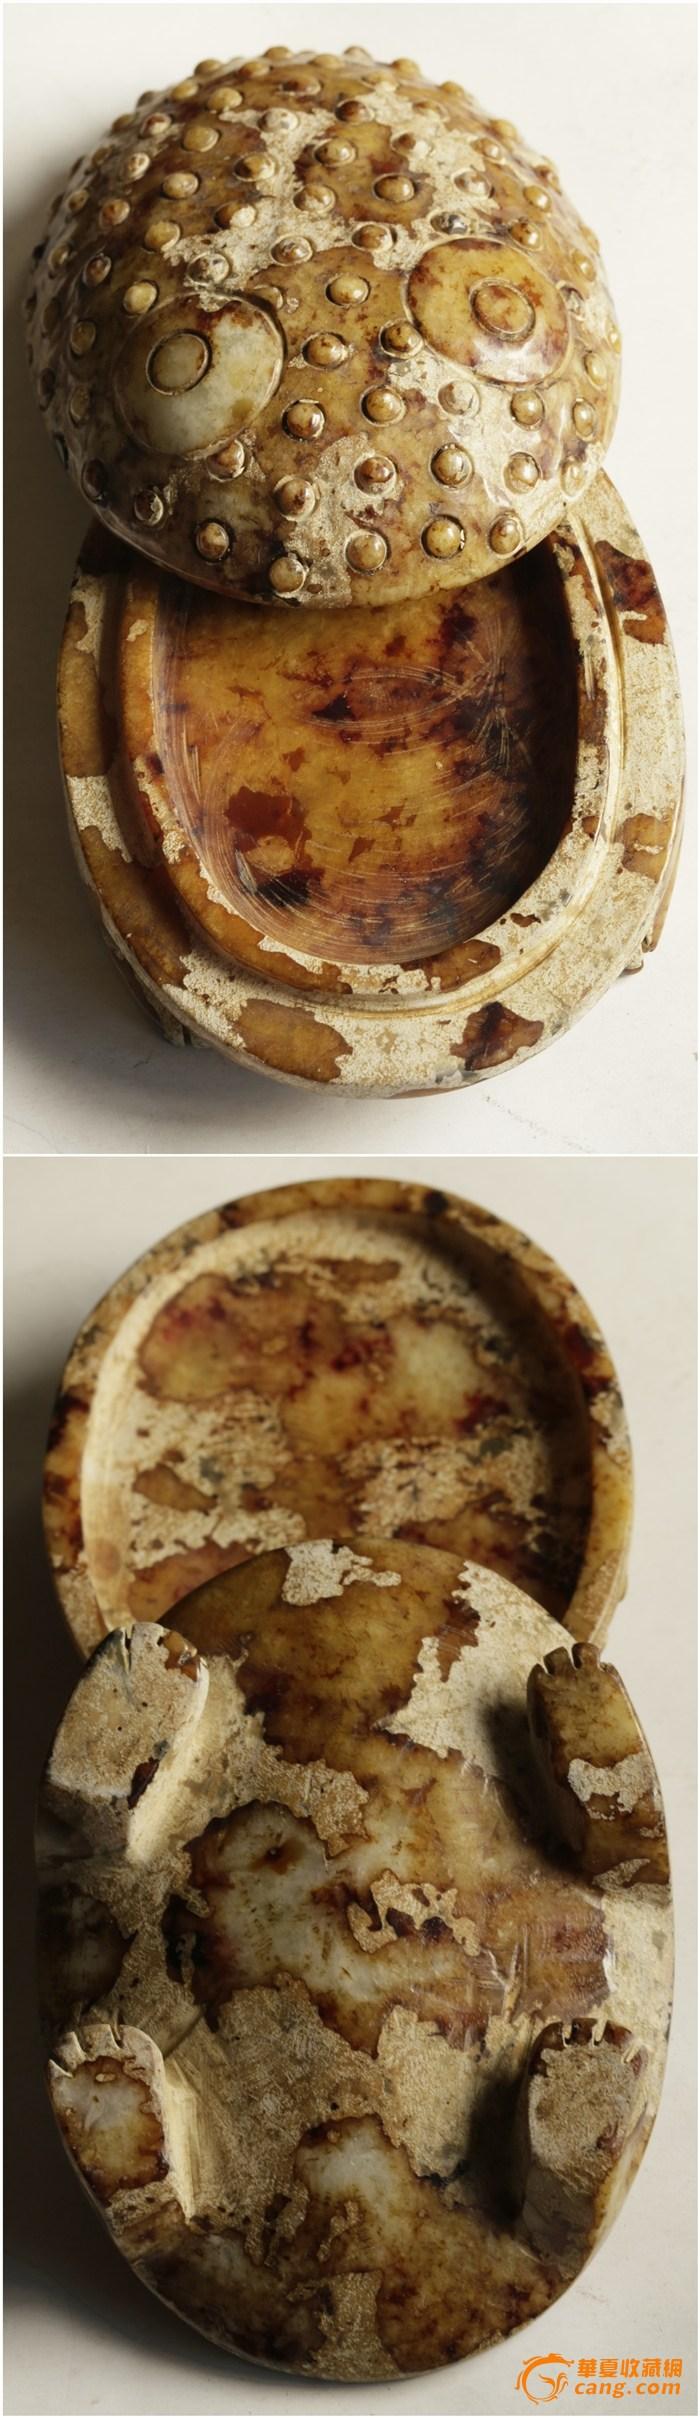 旺财风水用品 和田白玉籽料满沁 盖盒玉蟾,战汉出土古玉图4